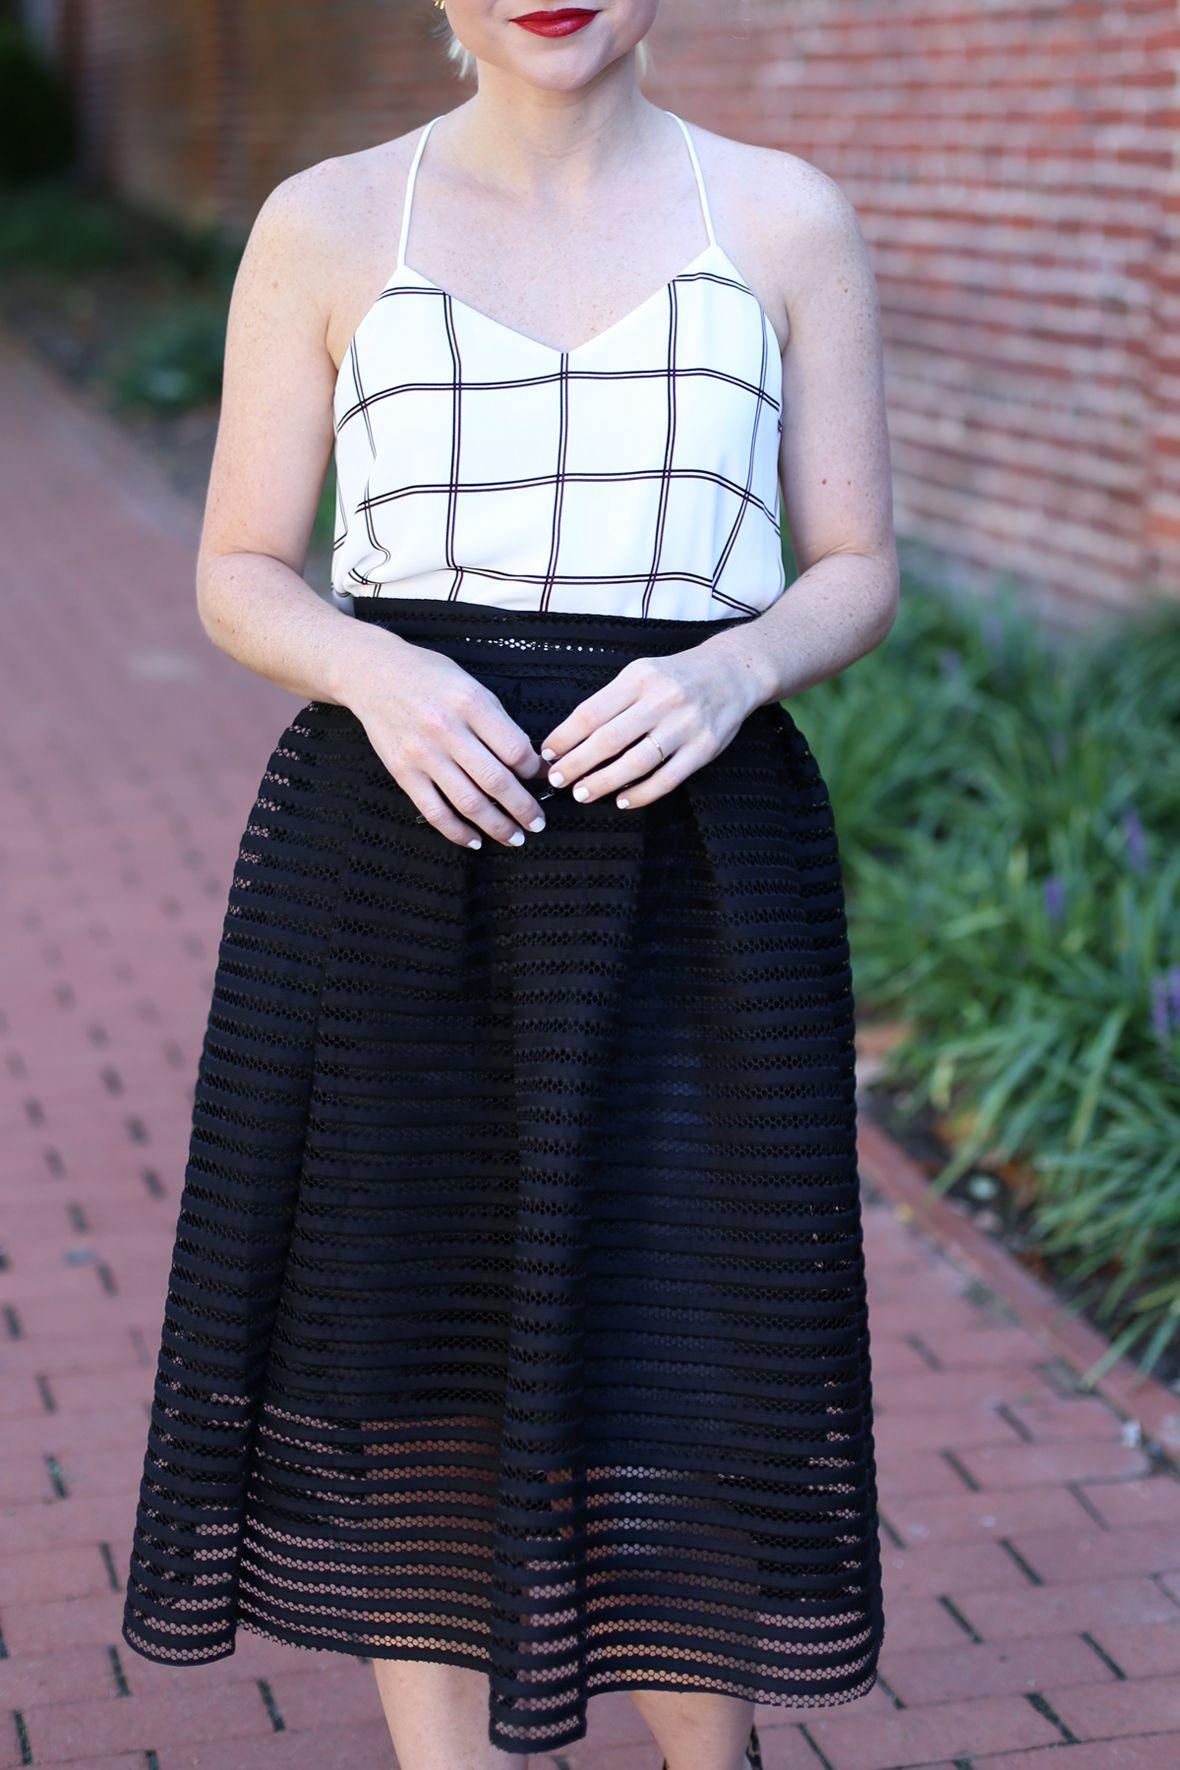 Black Midi Skirt on Poor Little It Girl - @poorlilitgirl